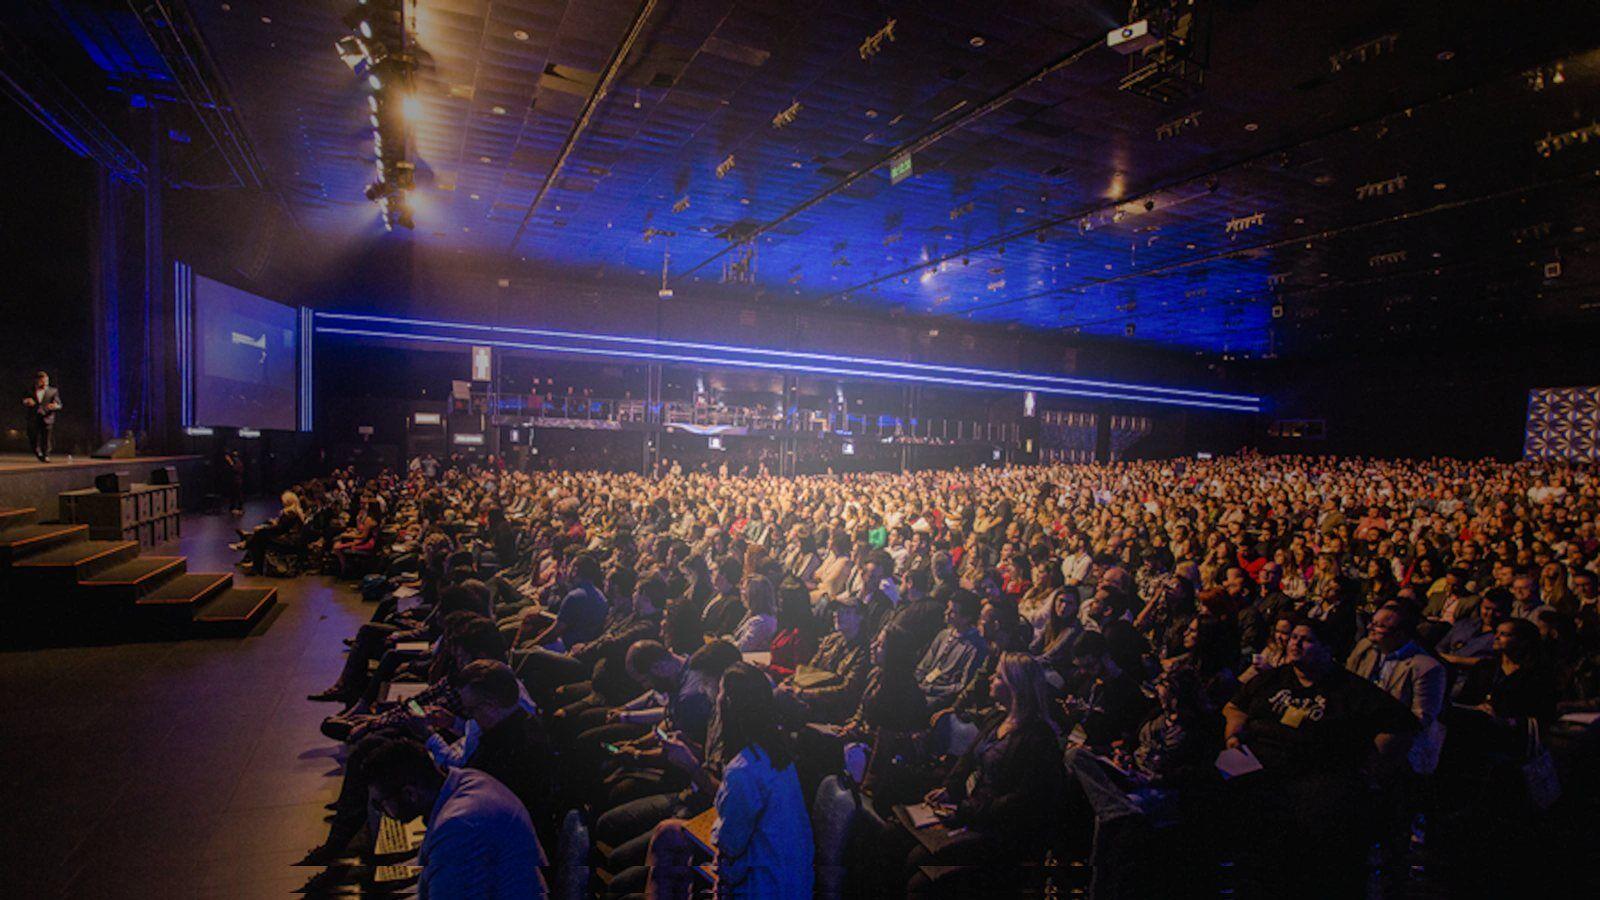 כנס CannX – ועידת הקנאביס הישראלית לשנת 2020 - בריא בישראל